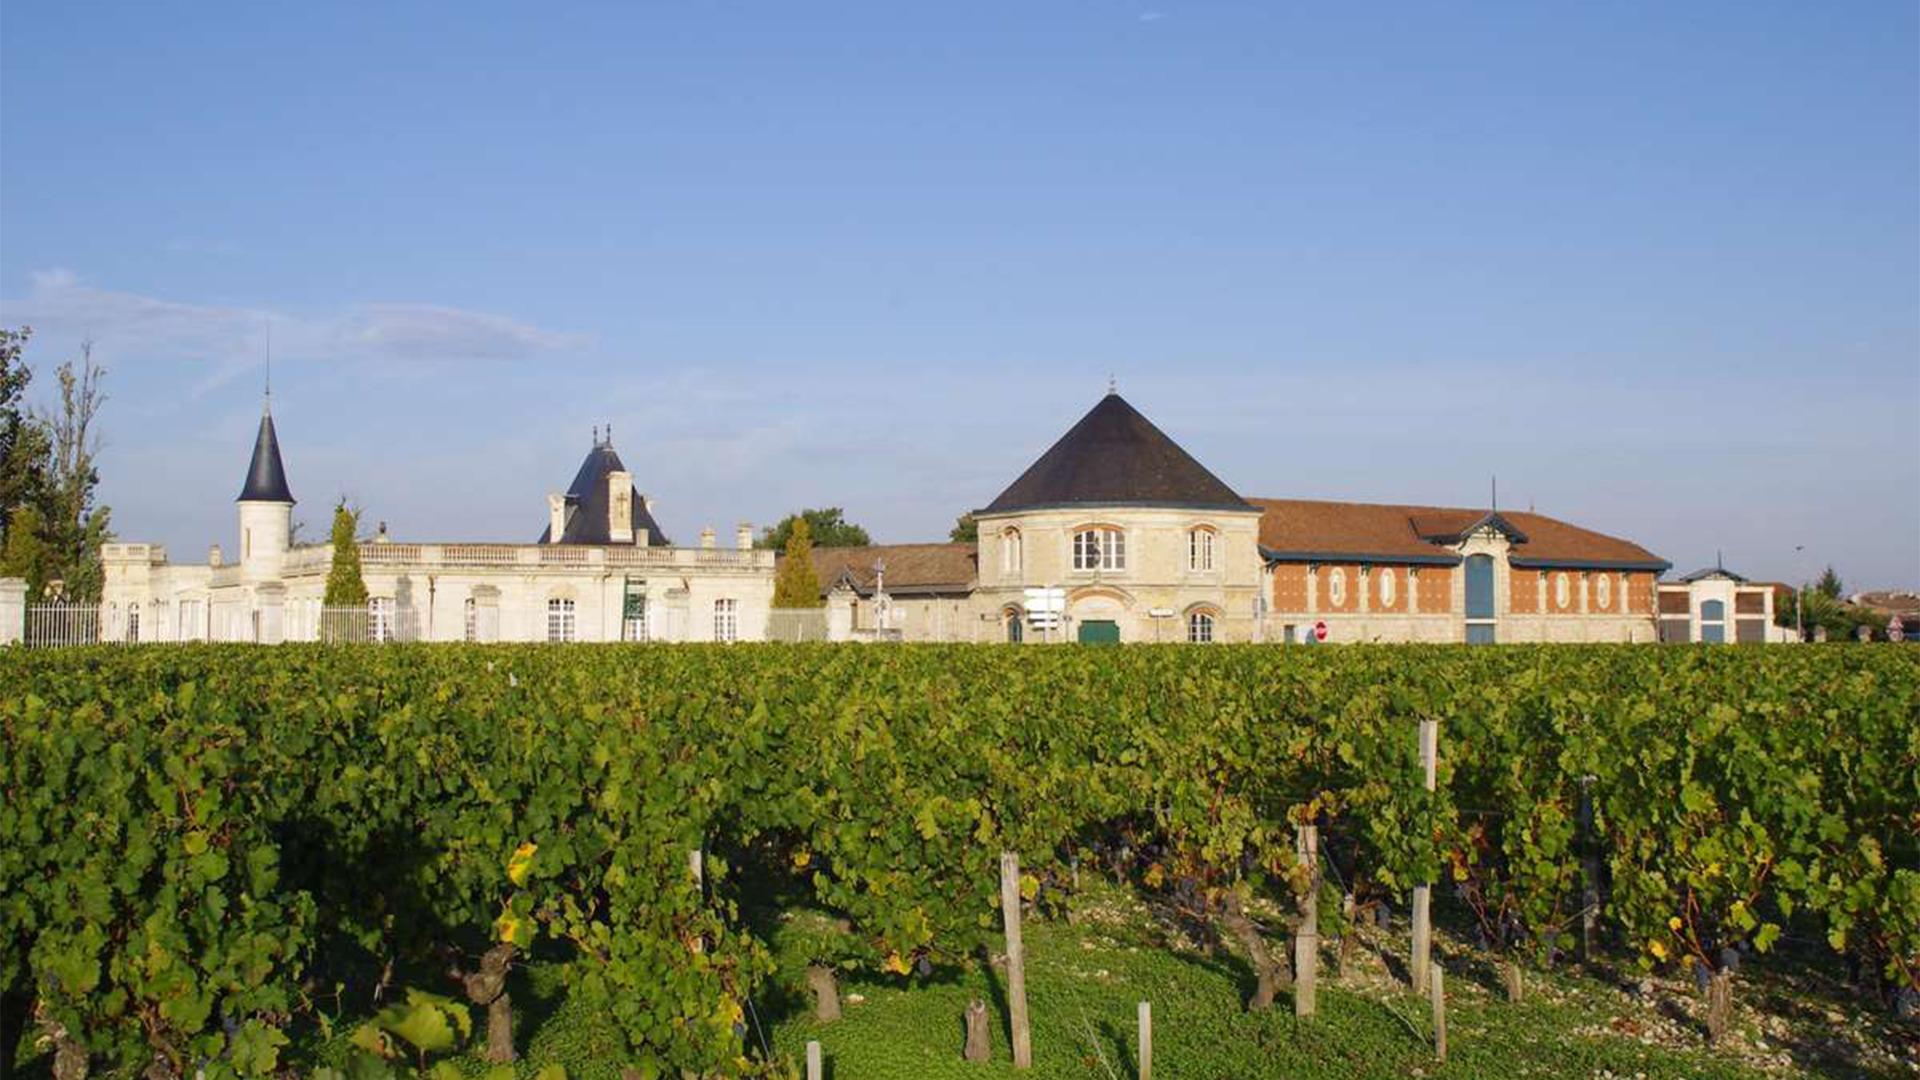 Rượu Vang Chateau Durfort-Vivens